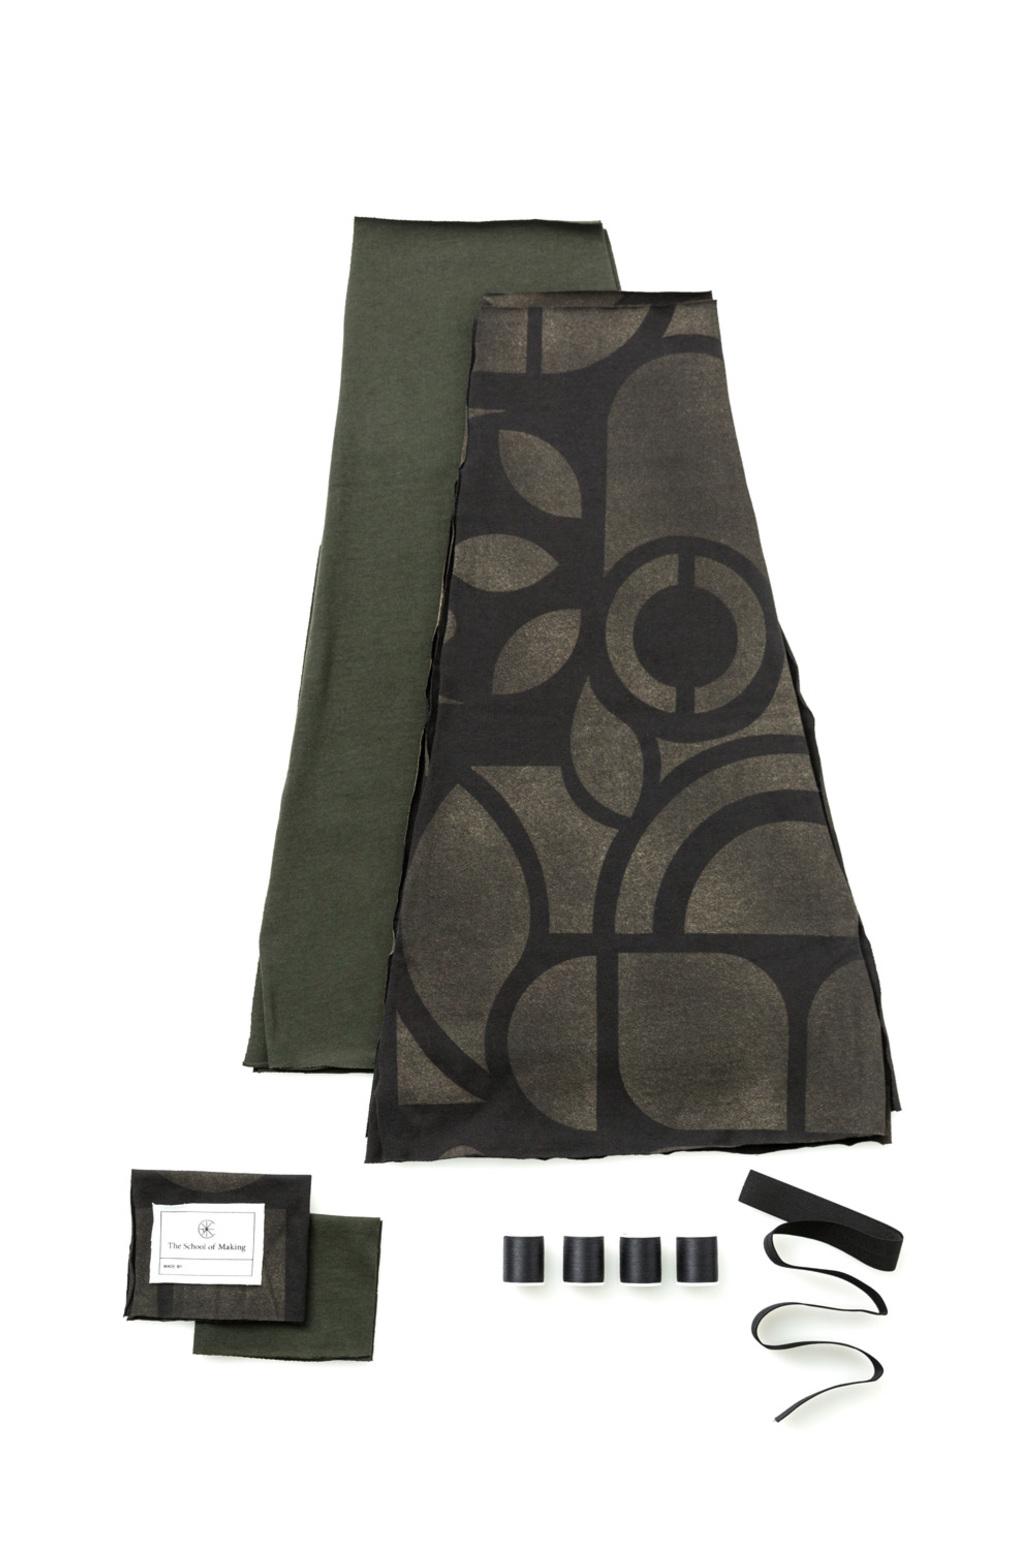 The school of making swing skirt diy kit